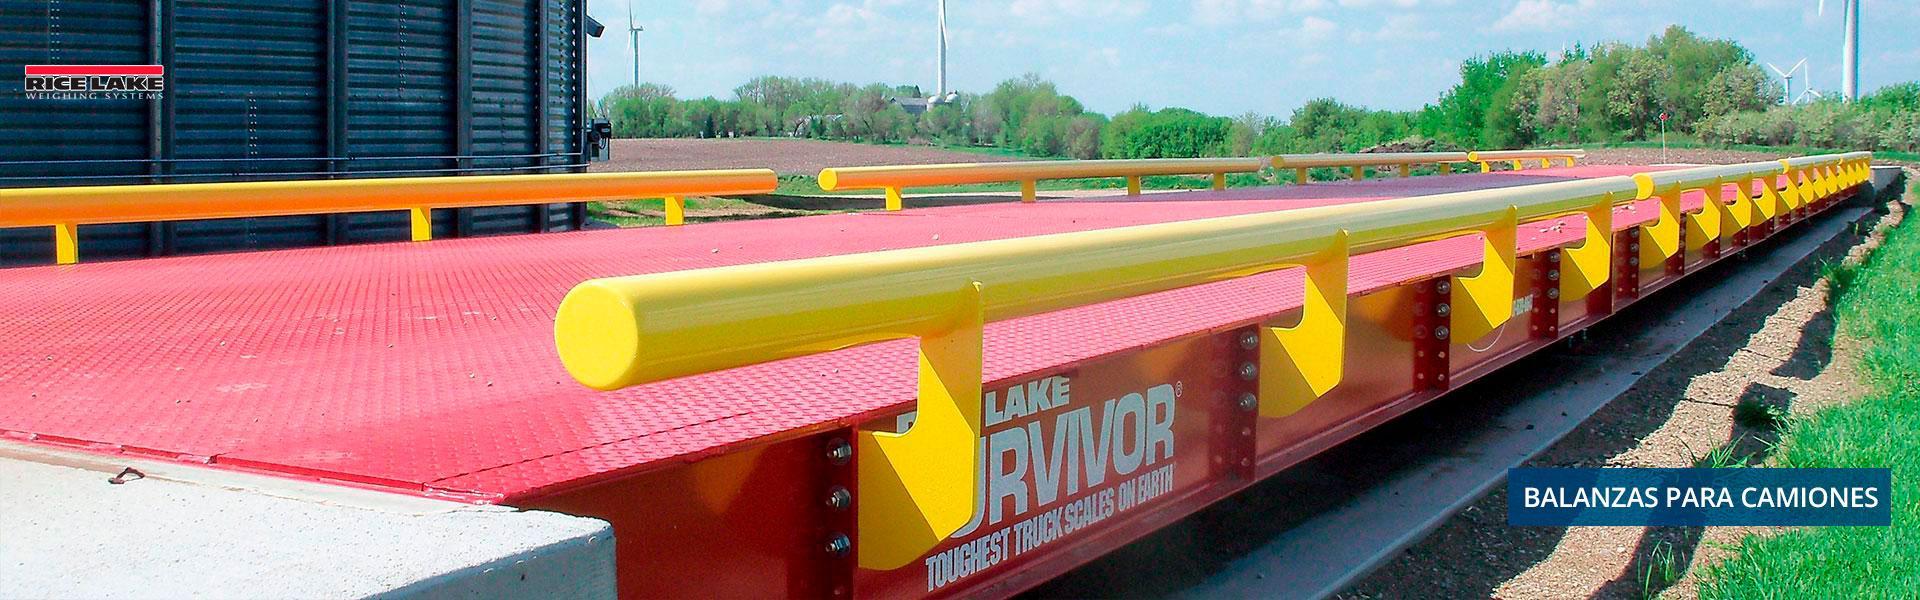 balanzas-para-camiones.jpg